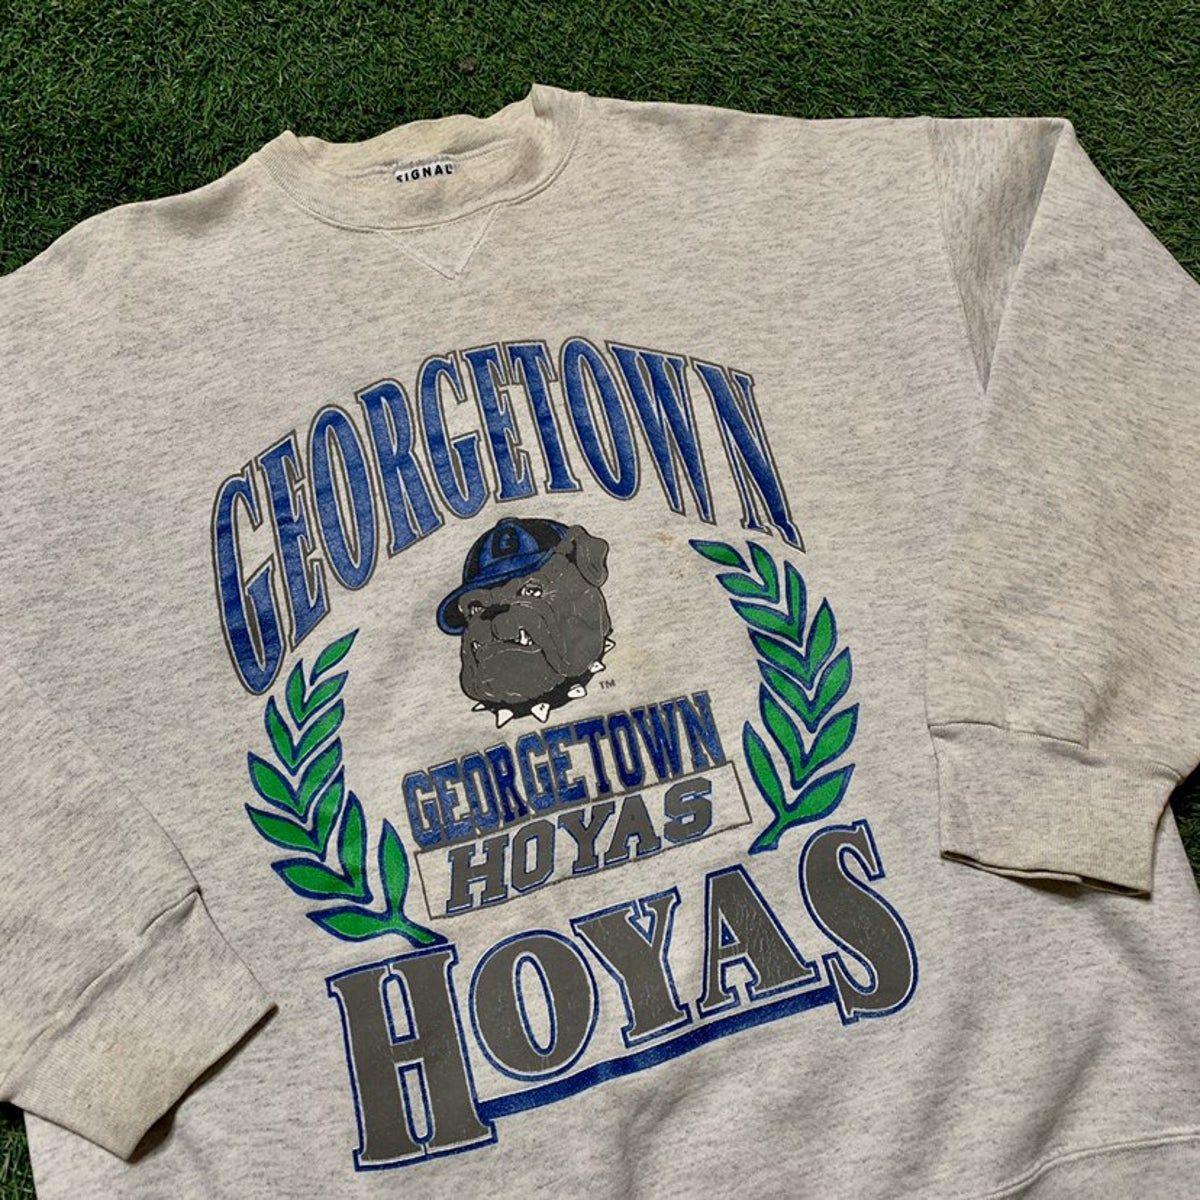 Vintage Georgetown Hoyas Crewneck In 2021 Vintage College Sweatshirts College Sweater Vintage Shirt Design [ 1200 x 1200 Pixel ]